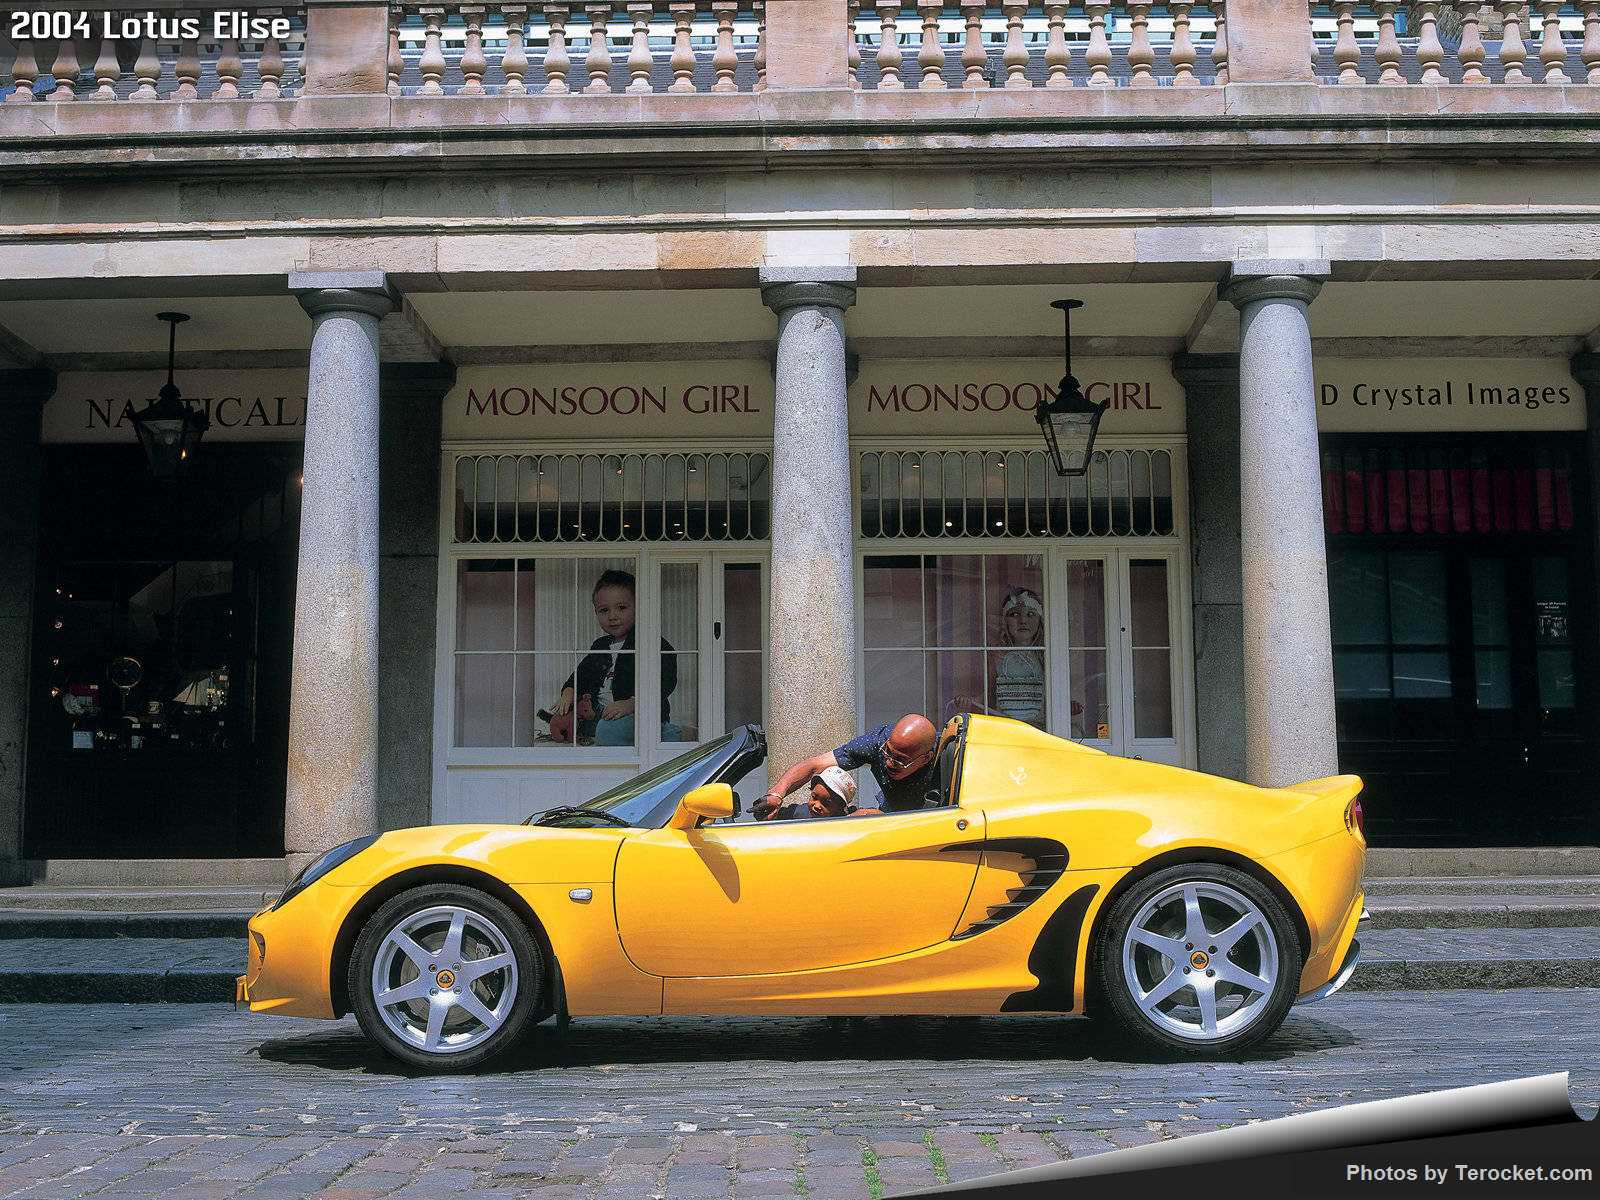 Hình ảnh siêu xe Lotus Elise 2004 & nội ngoại thất